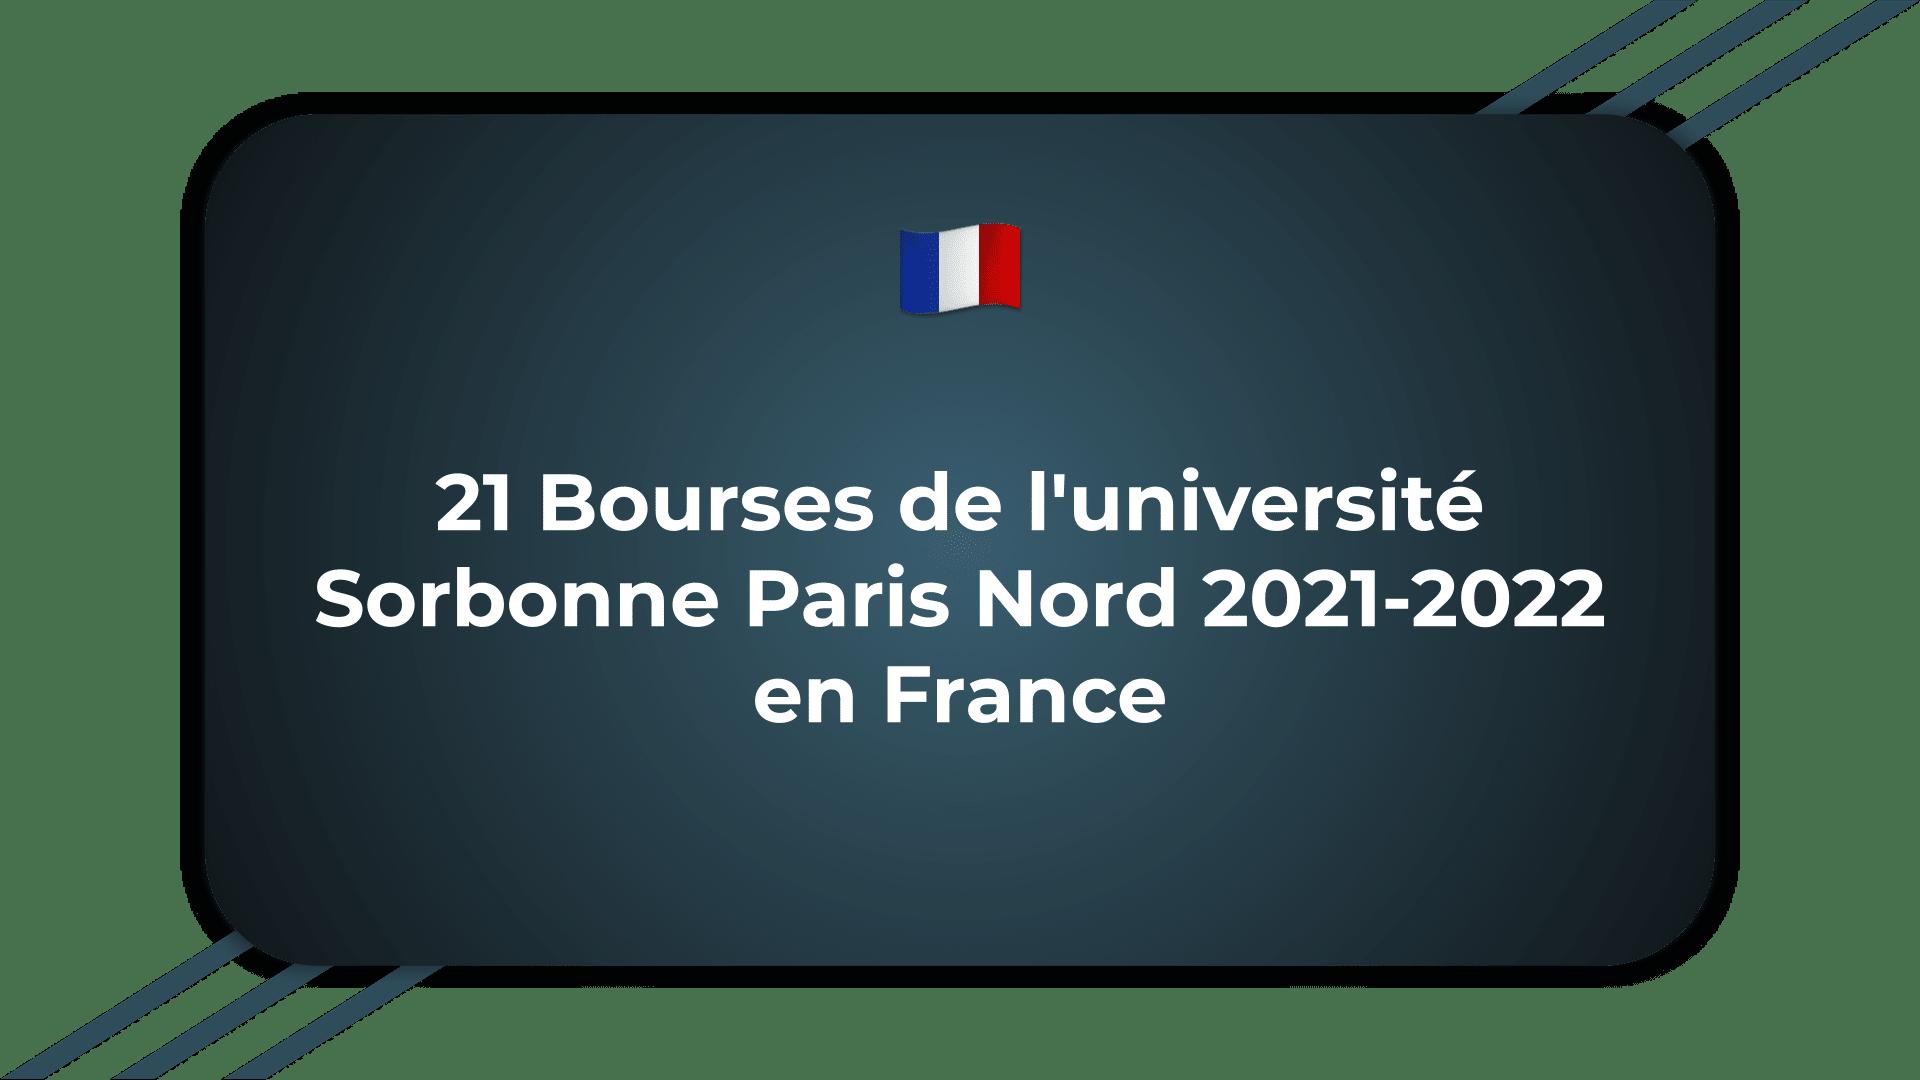 Bourses de l'université Sorbonne Paris Nord